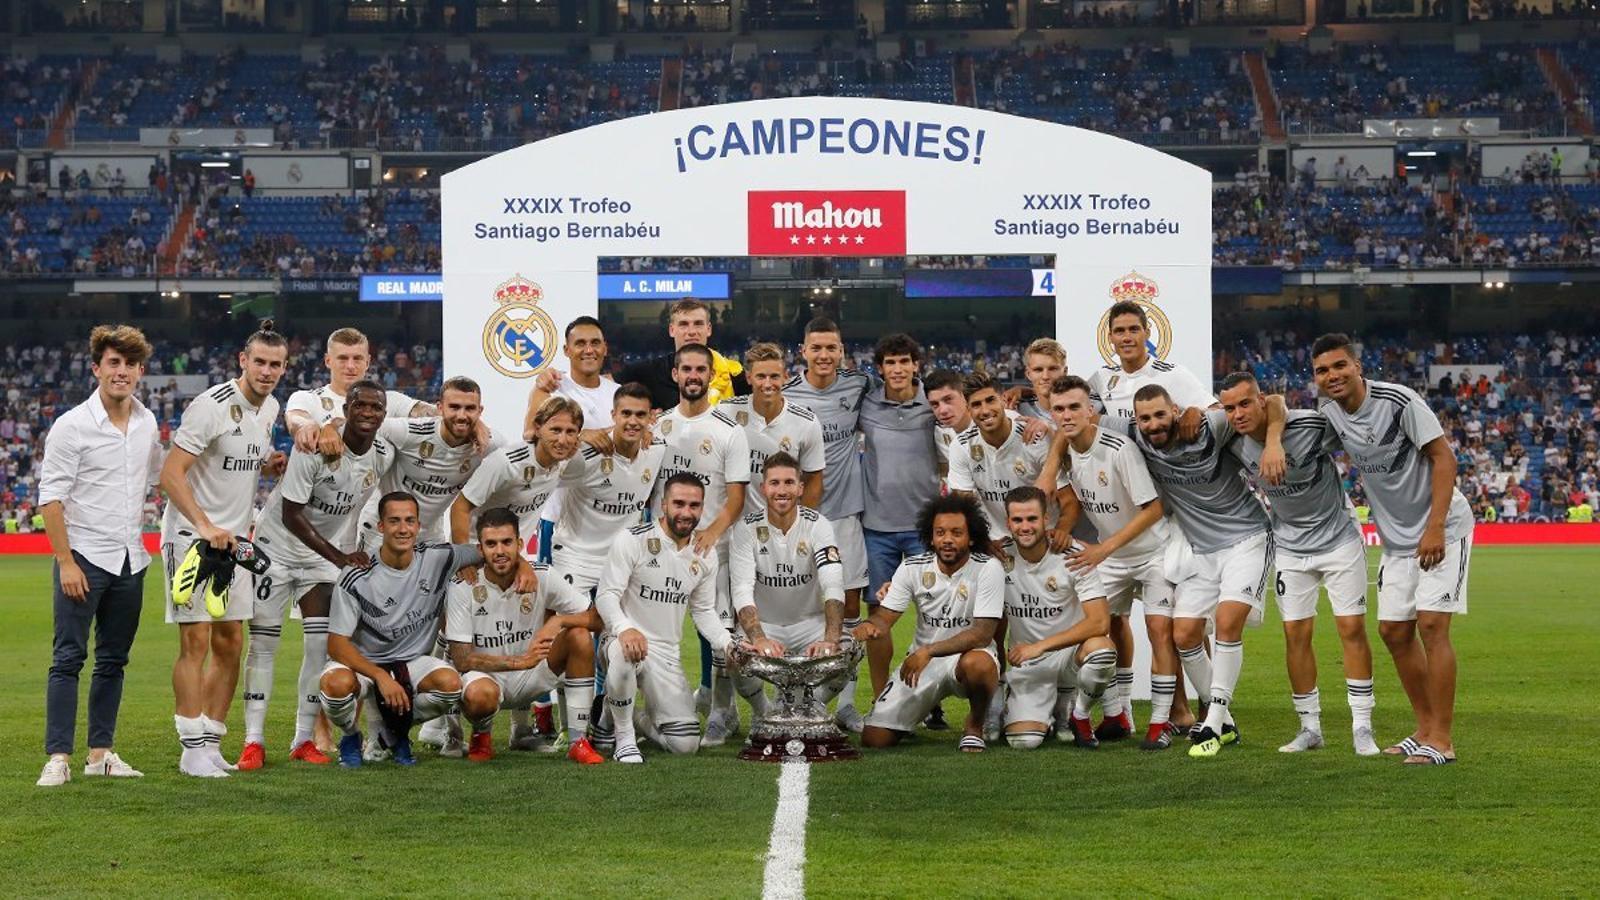 Cara i creu del Madrid i de l'Atlètic abans d'enfrontar-se